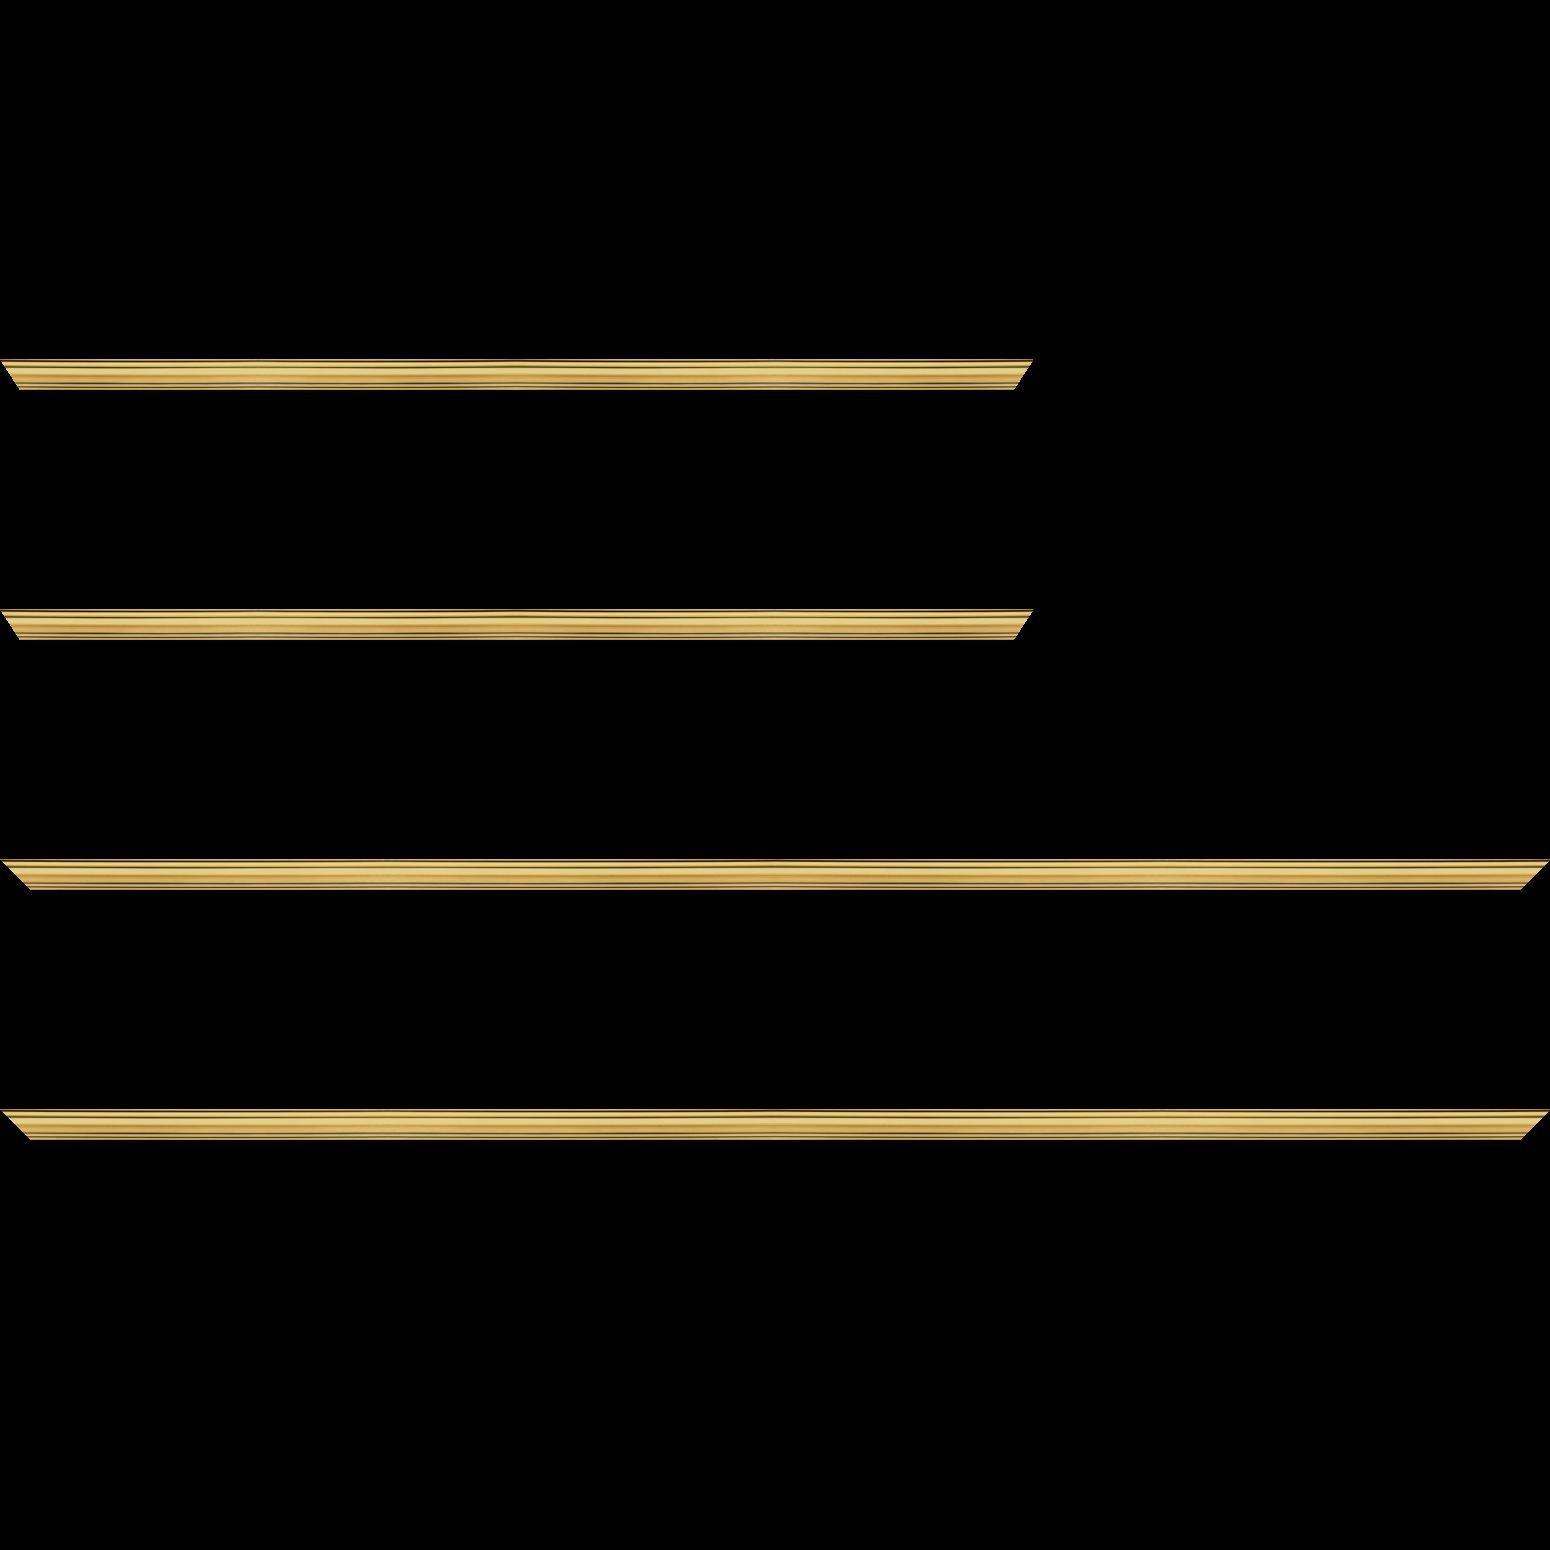 Baguette service précoupé bois profil bombé largeur 5cm couleur or filet noir